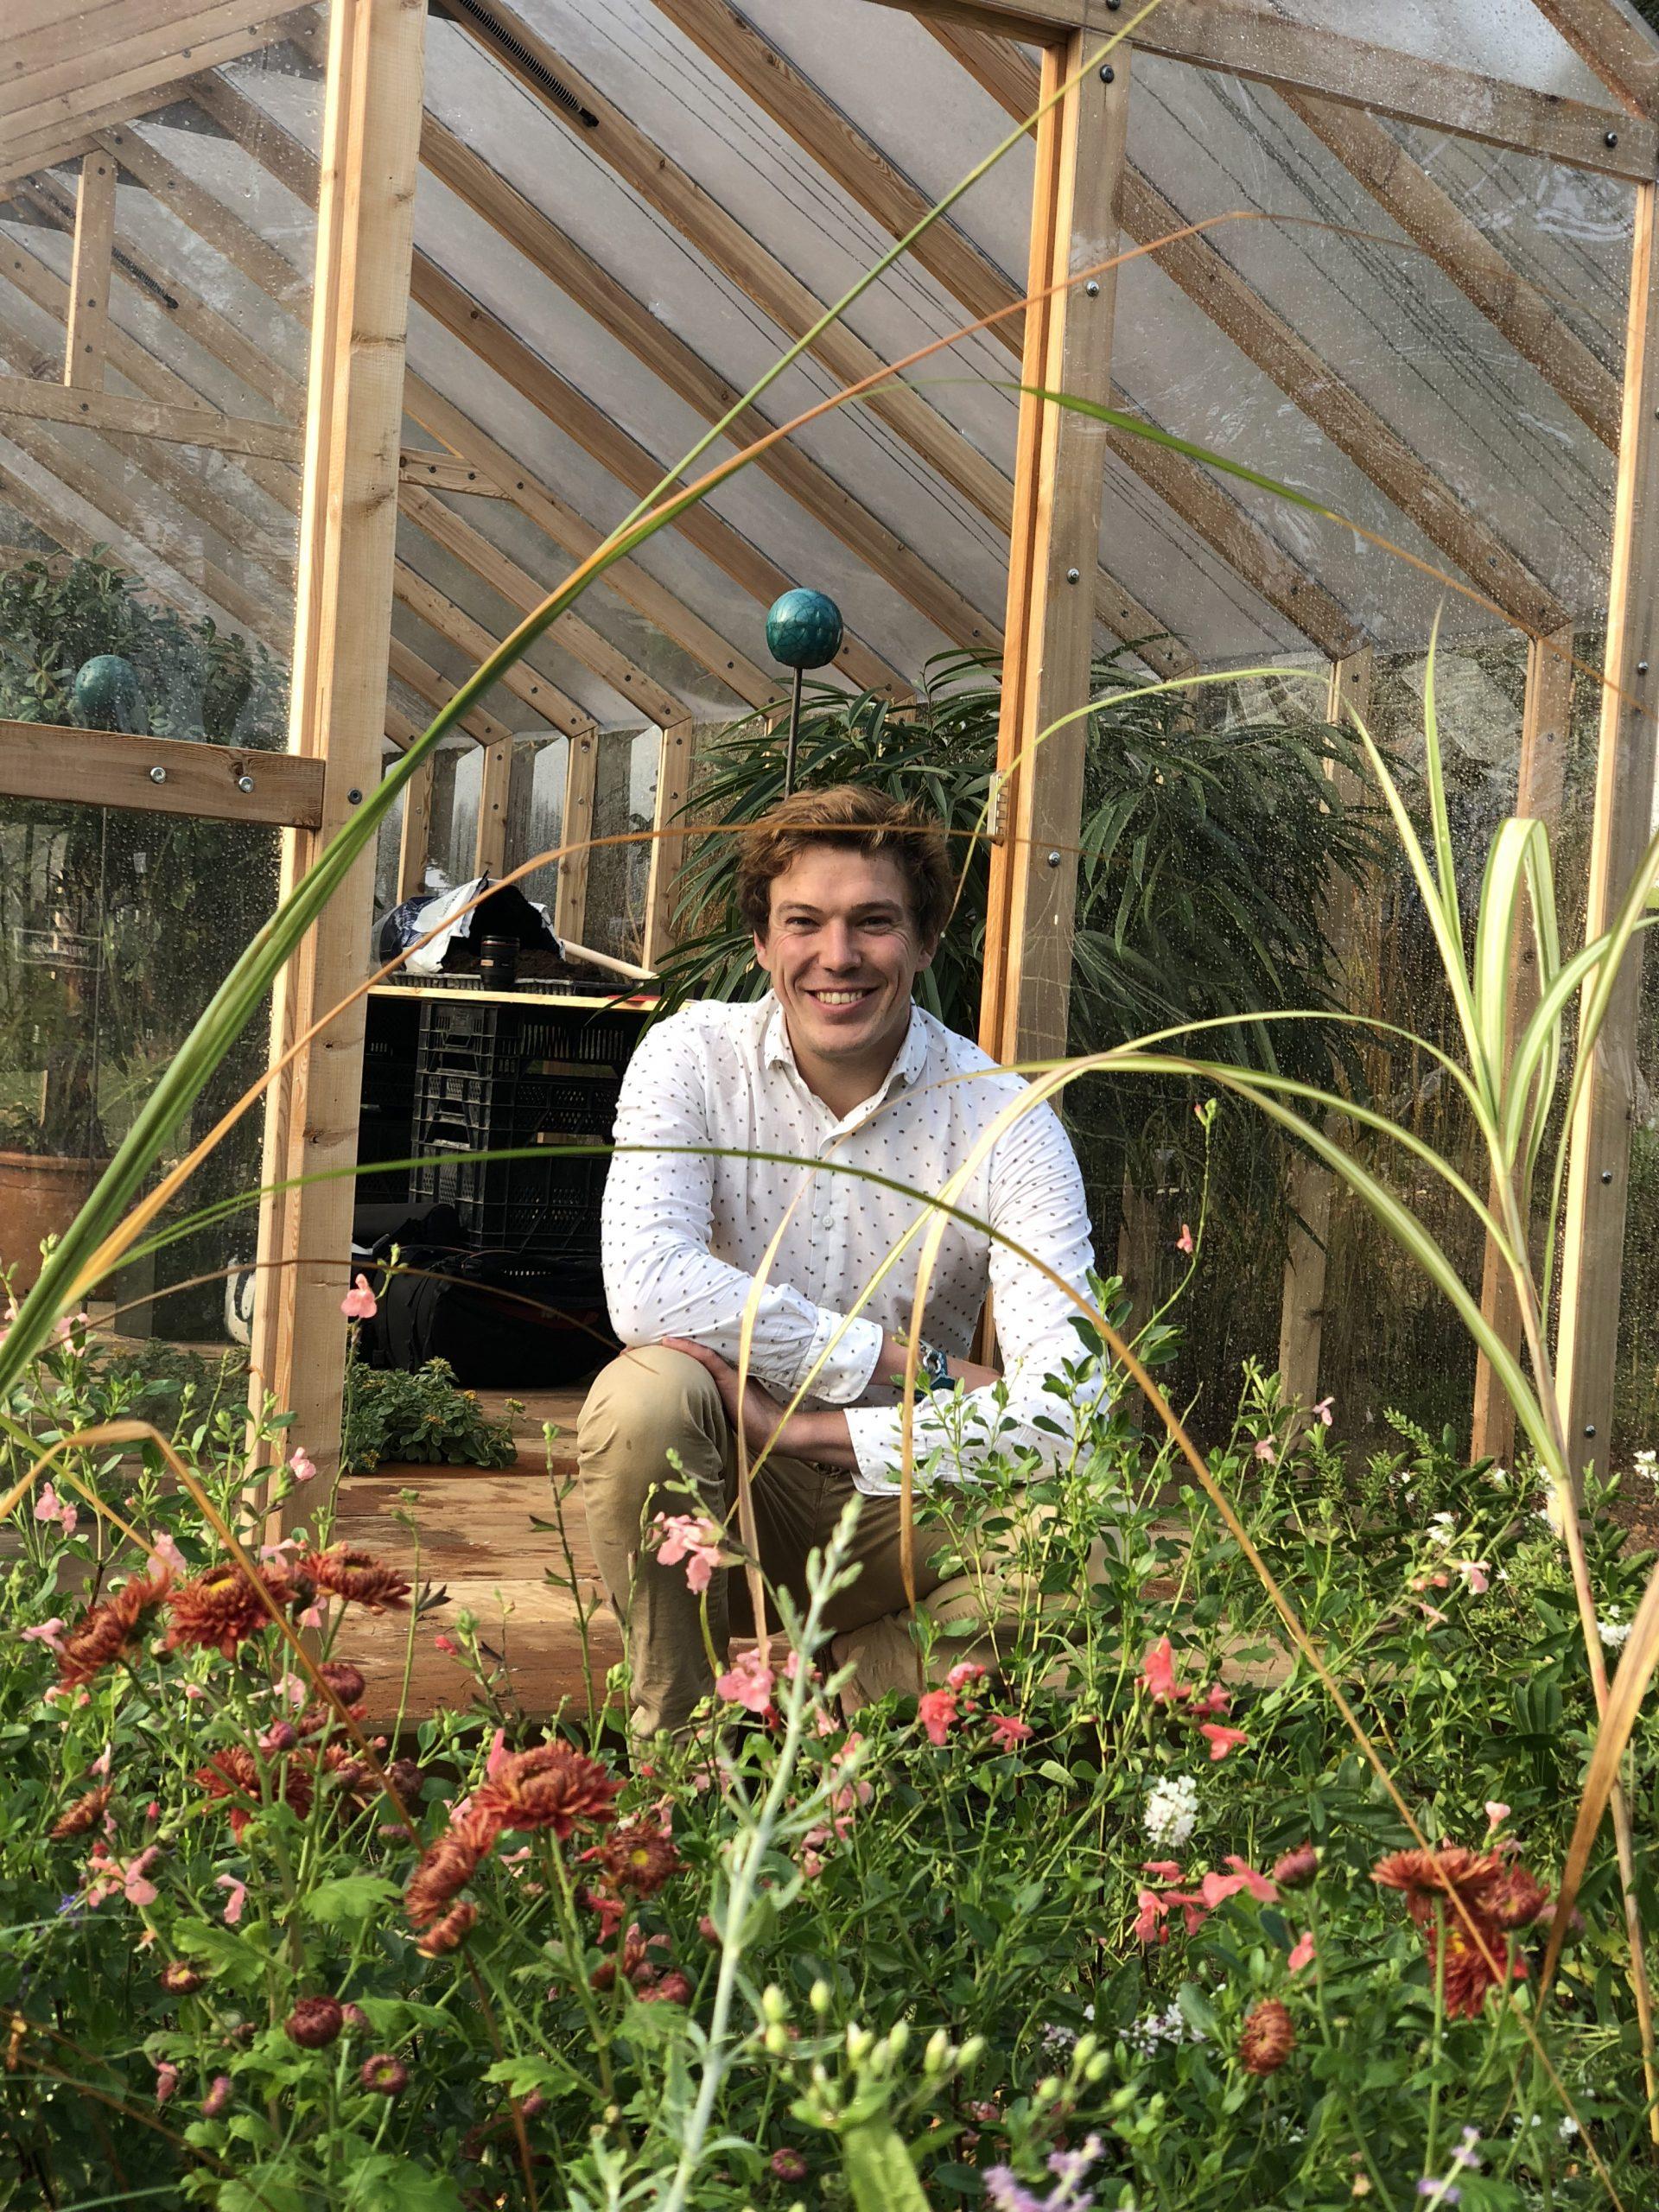 Serre En Bois Met De L'élégance Dans Le Jardinage Familial concernant Fonctionnement D Une Serre De Jardin